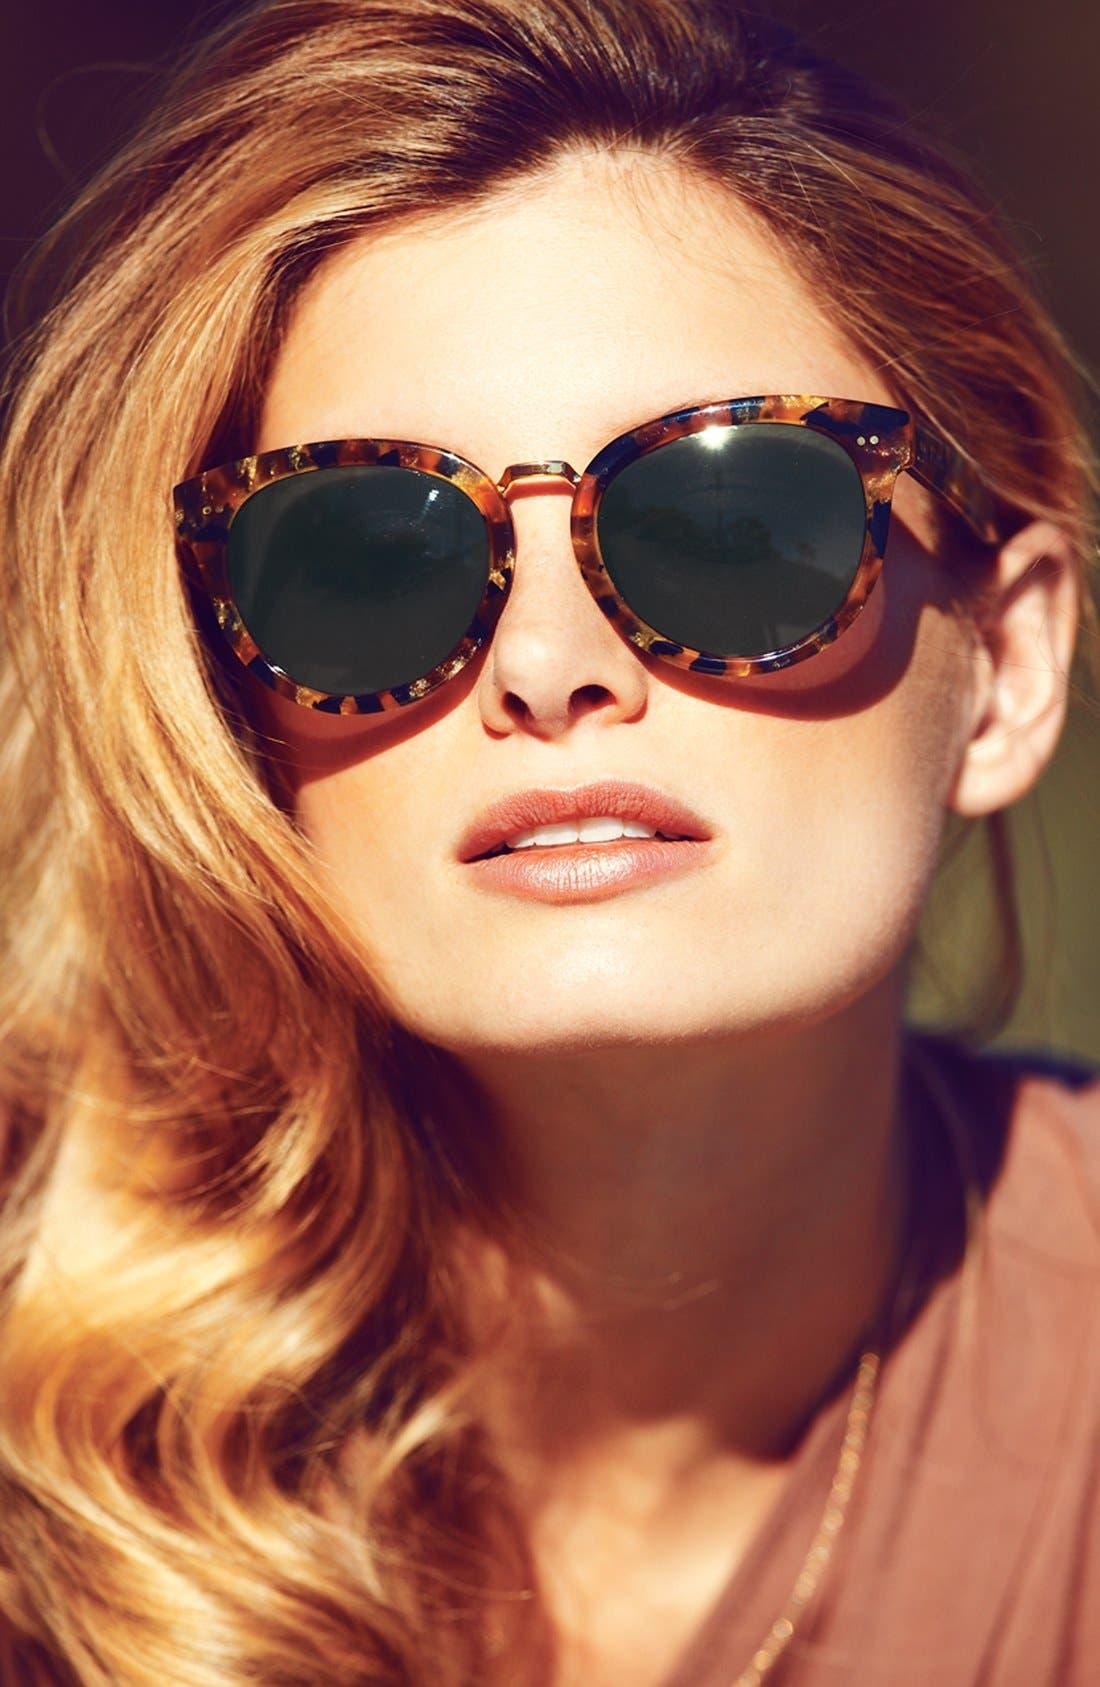 'Yvette' 52mm Sunglasses,                             Alternate thumbnail 2, color,                             300